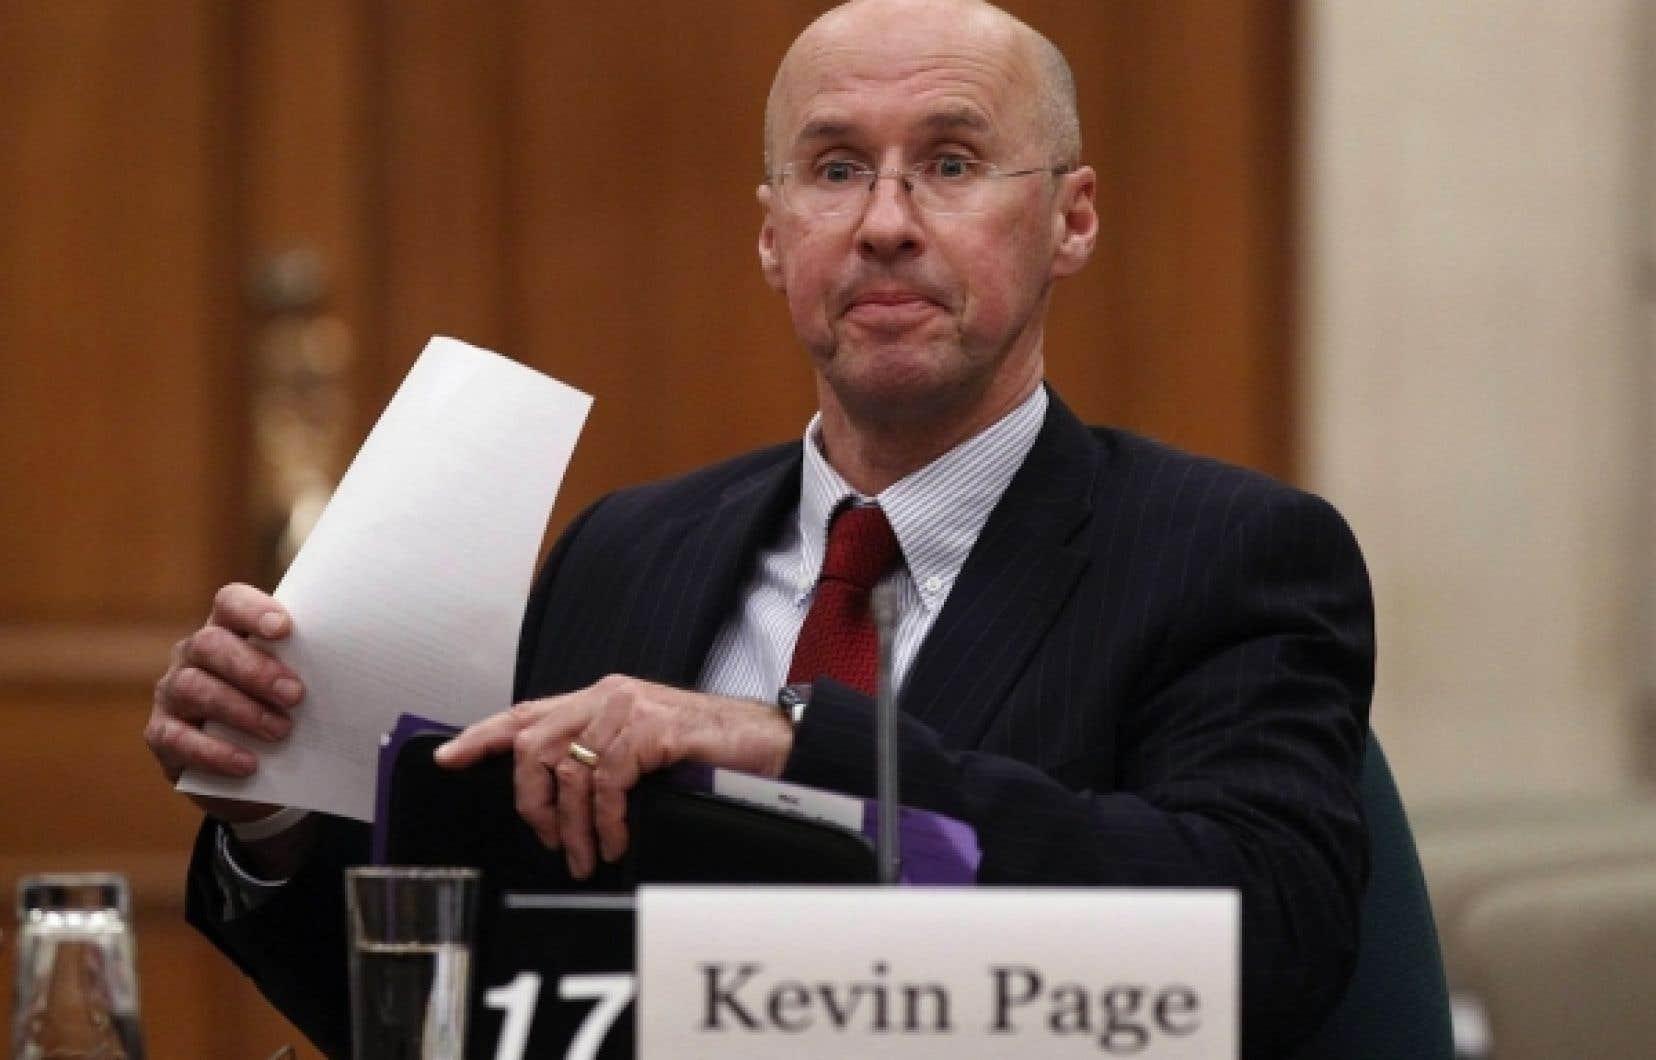 Selon Kevin Page, les nouvelles restrictions concernant la possibilité pour un délinquant d'obtenir une peine de prison avec sursis pourraient entraîner des frais de 137 millions annuellement pour les provinces et territoires.